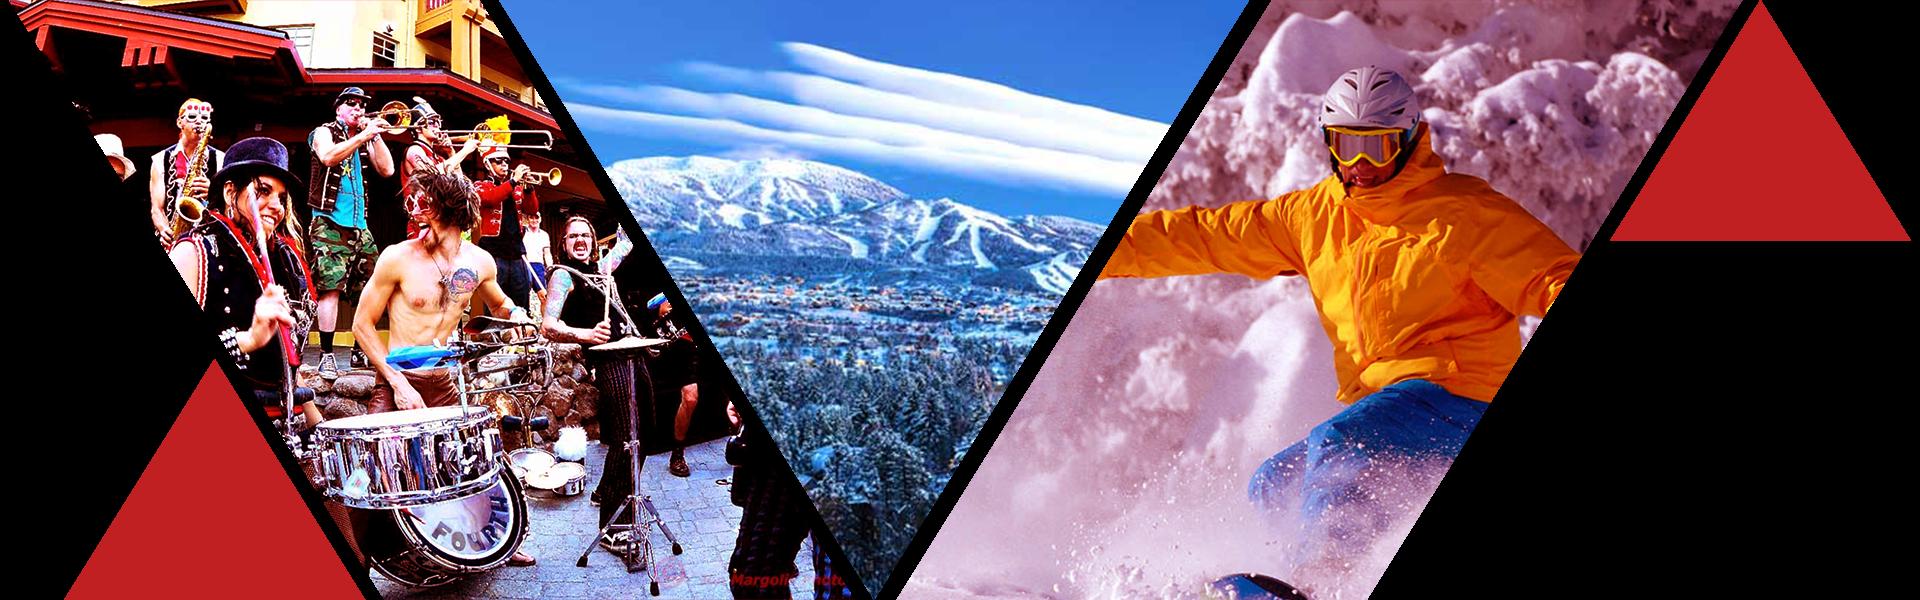 Spring break destinations: Steamboat Springs, Colorado